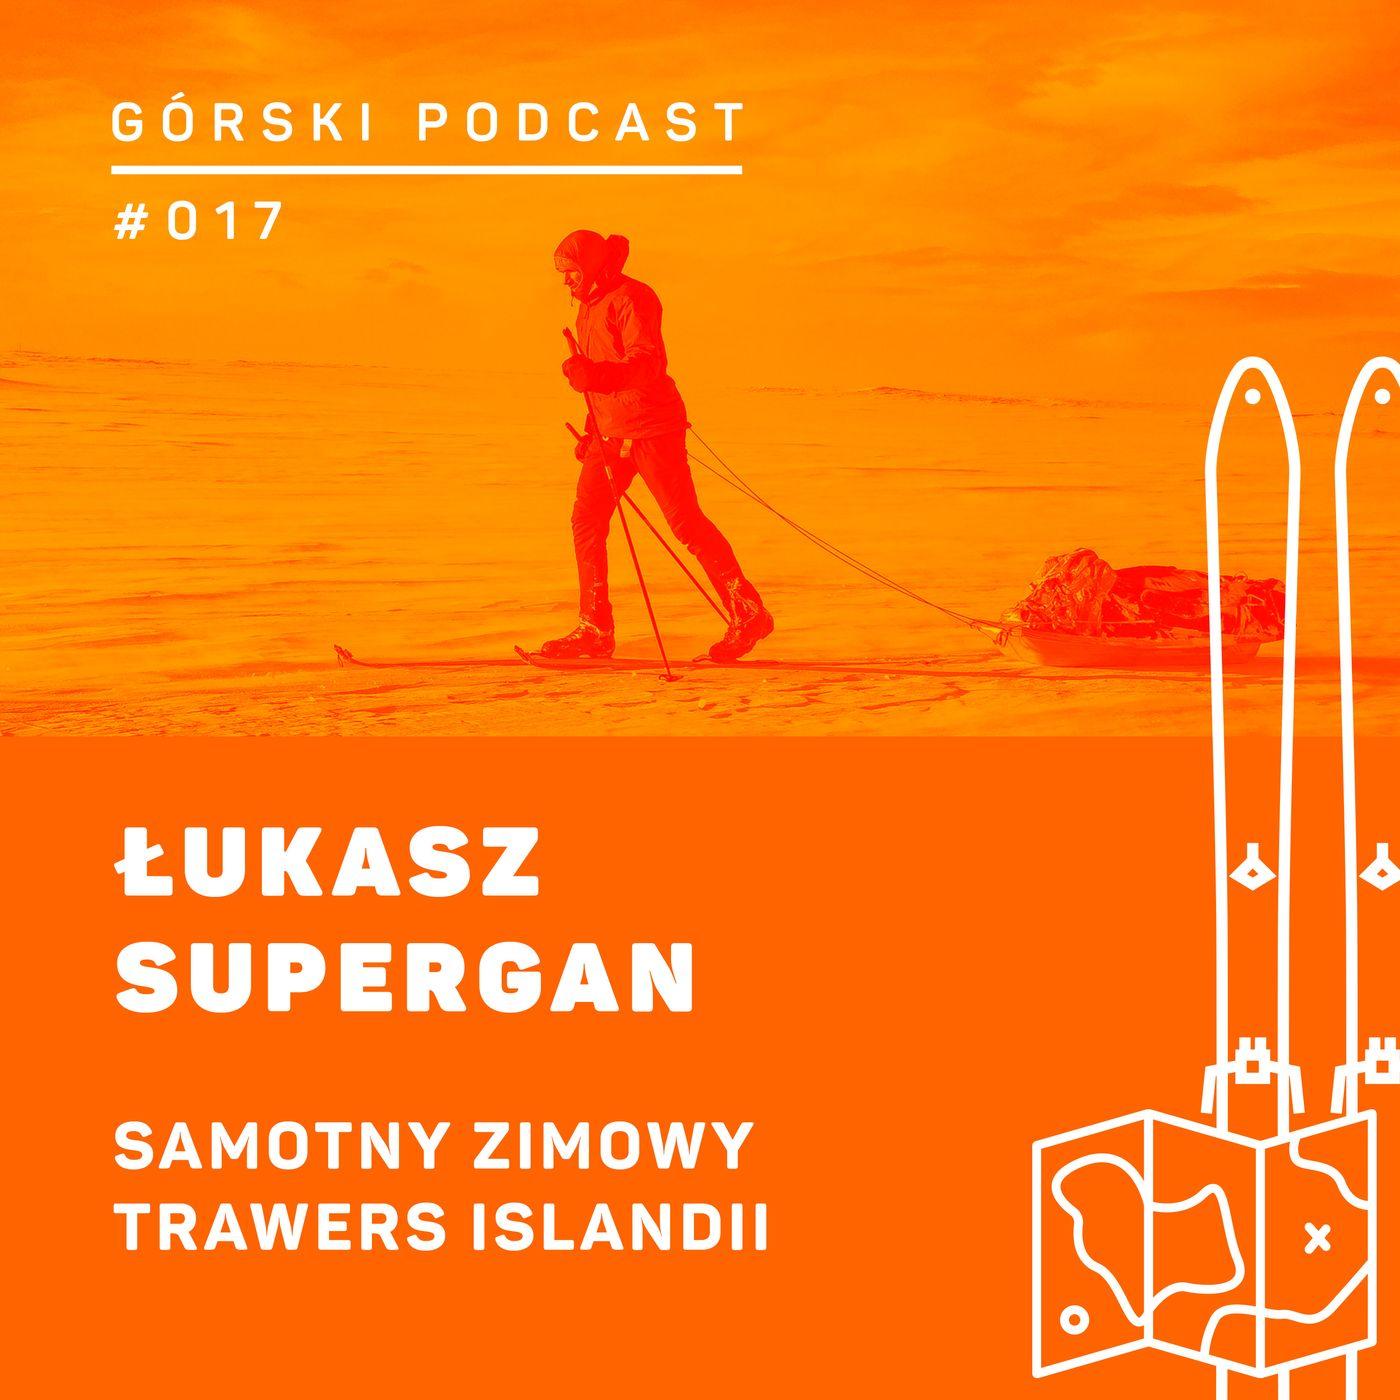 #017 8a.pl - Łukas Supergan. Samotny zimwowy trawers Islandii.